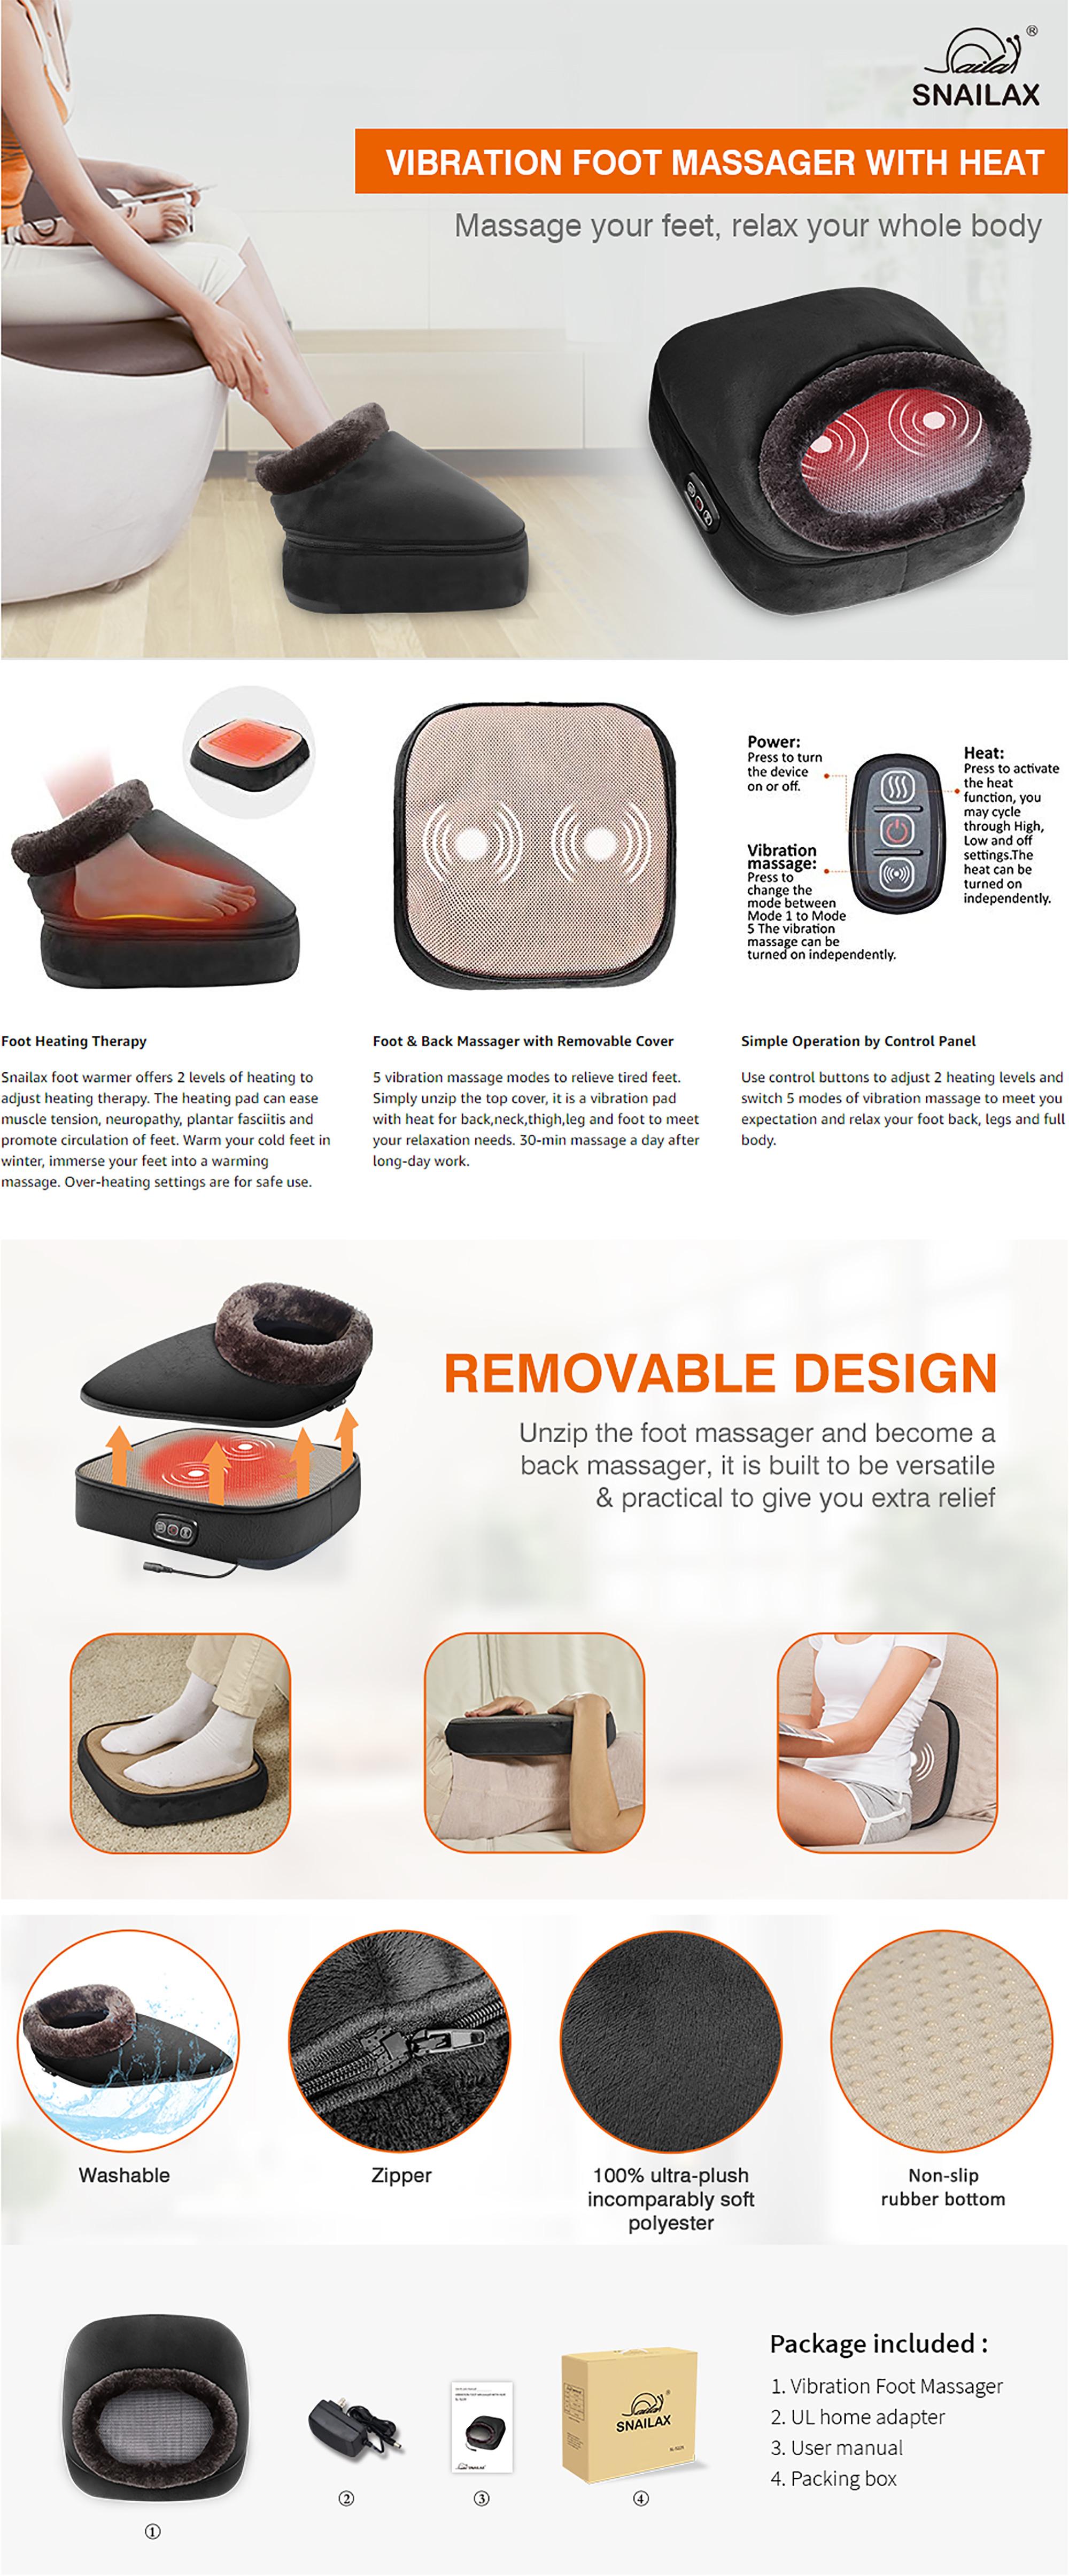 Snailax Foot Warmer & Back Massager Features